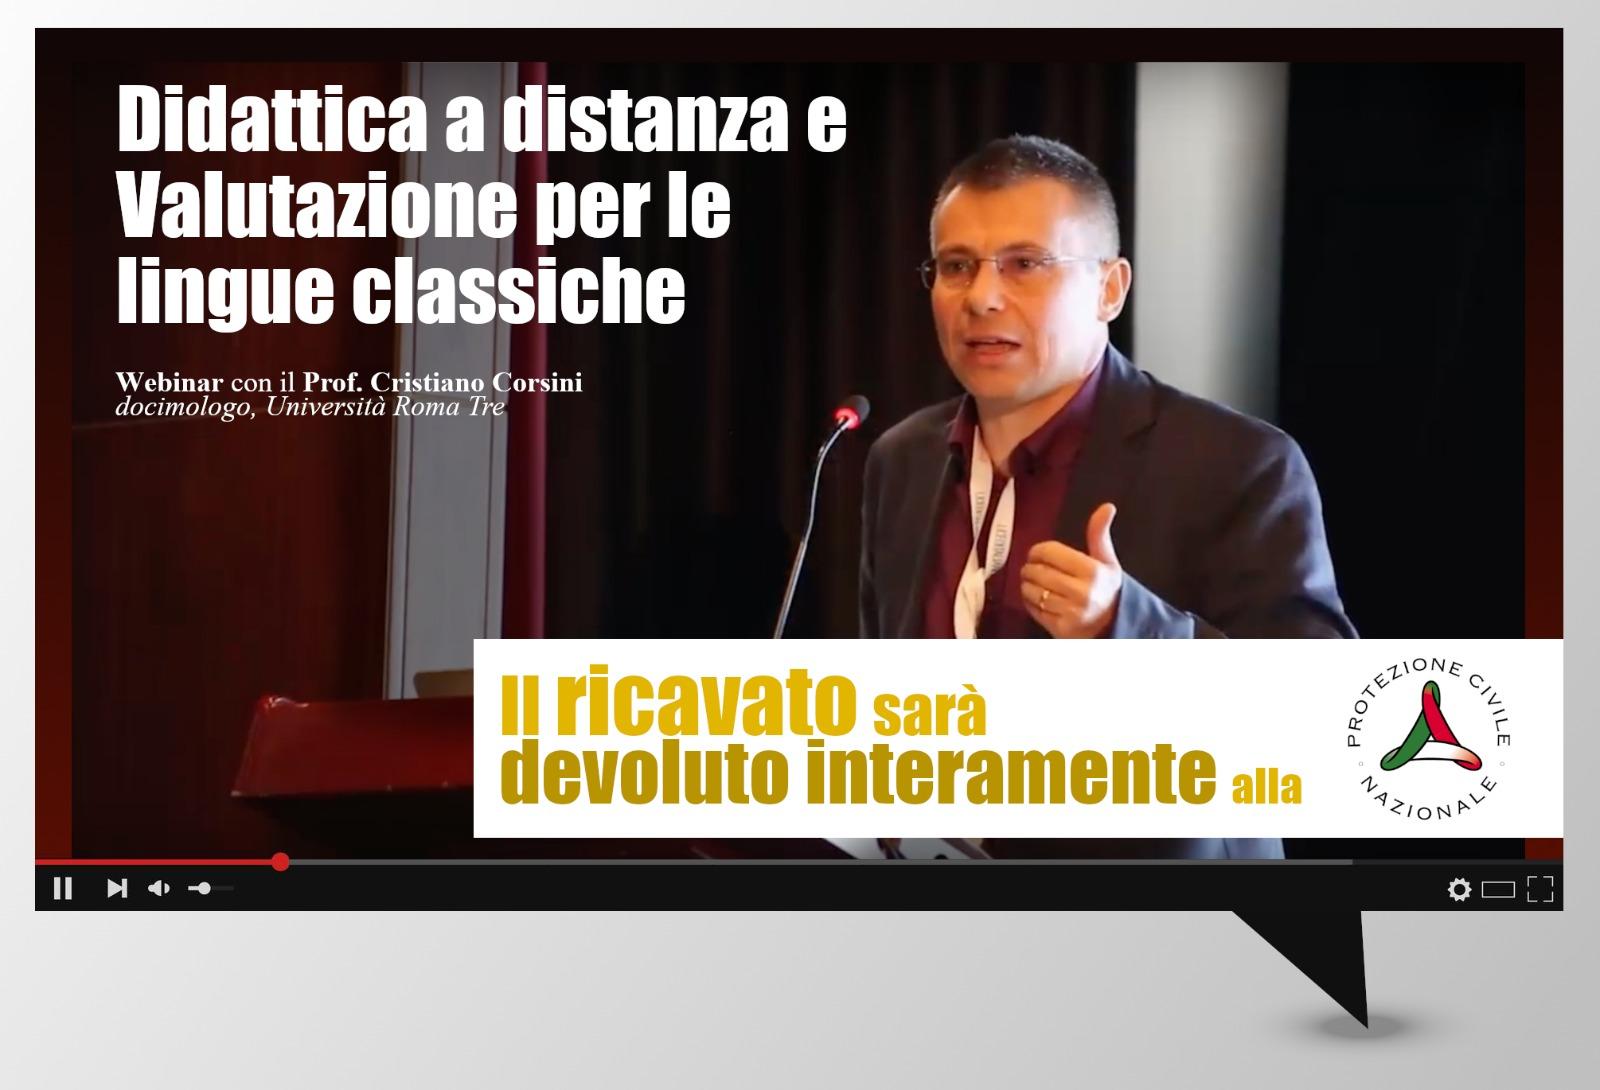 WEBINAR: DIDATTICA A DISTANZA E VALUTAZIONE CON CRISTIANO CORSINI - UNIV. ROMA TRE